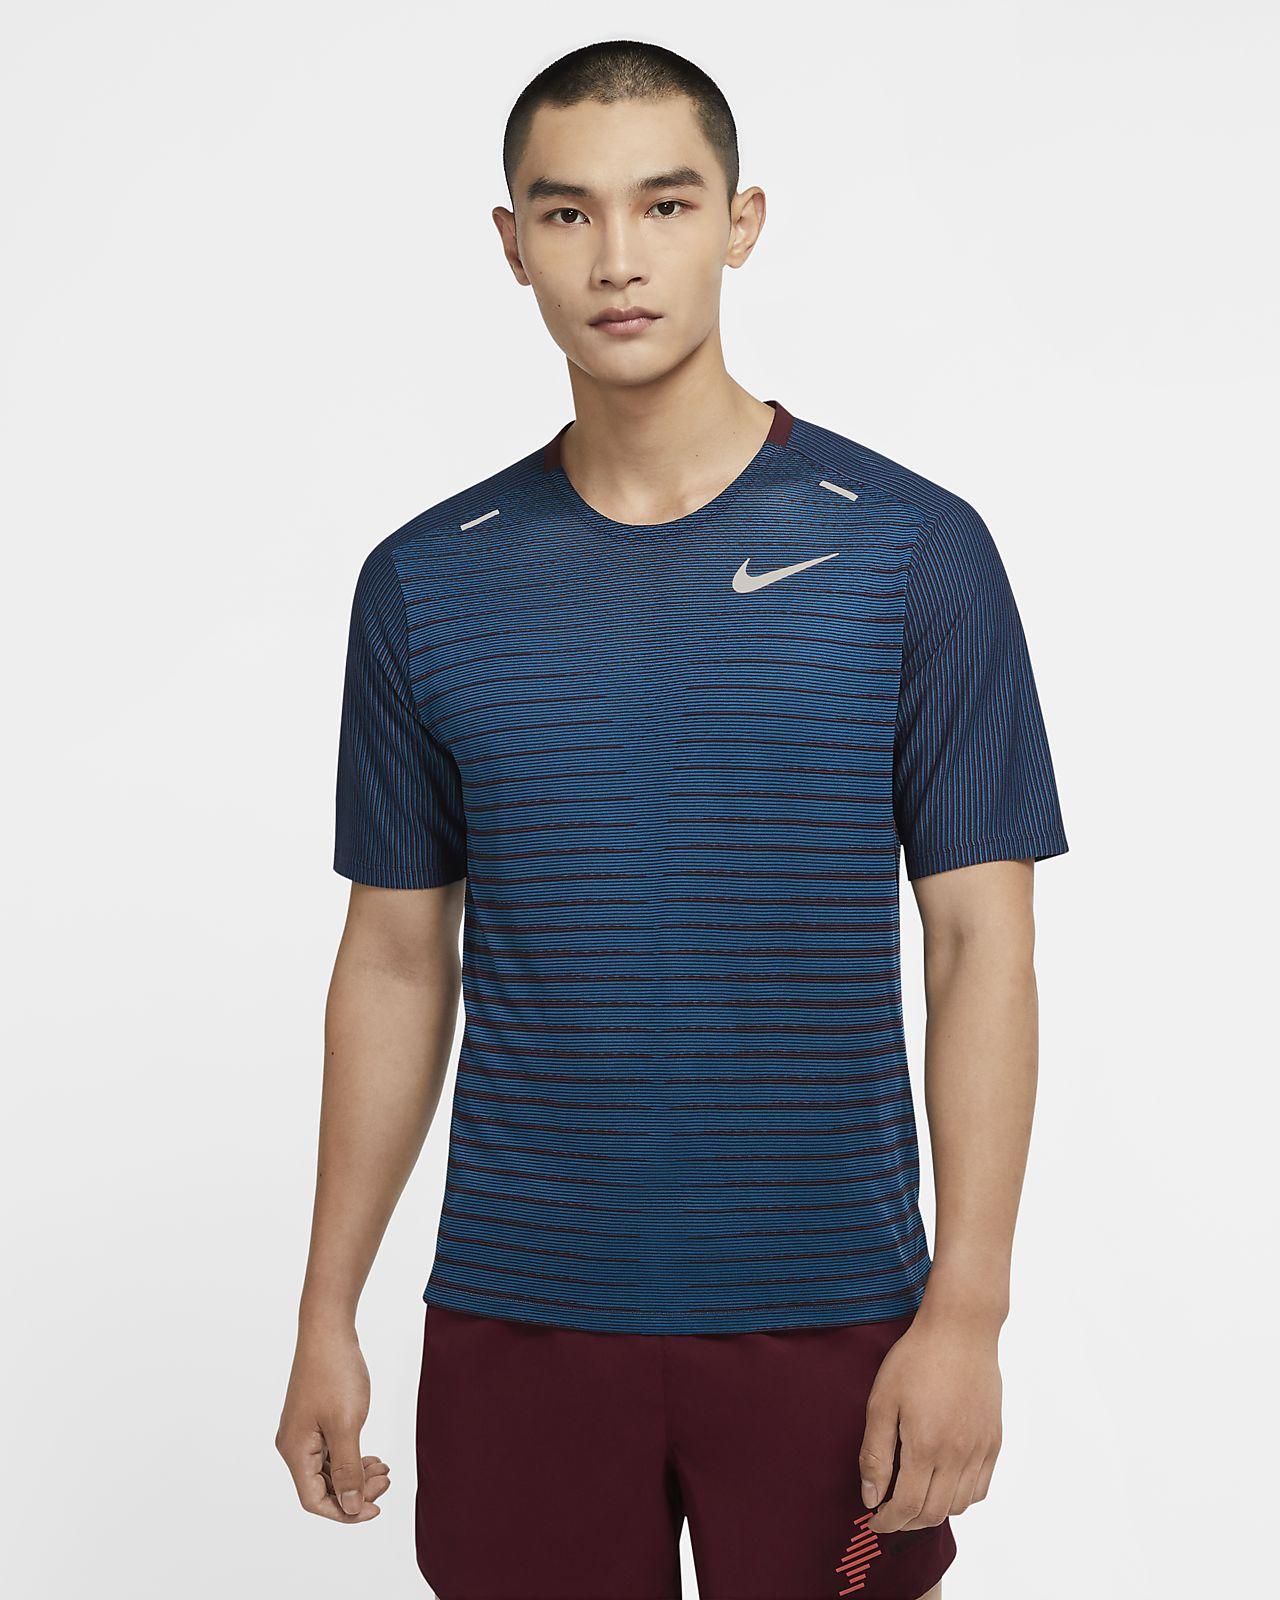 Ανδρική μπλούζα για τρέξιμο Nike TechKnit Future Fast